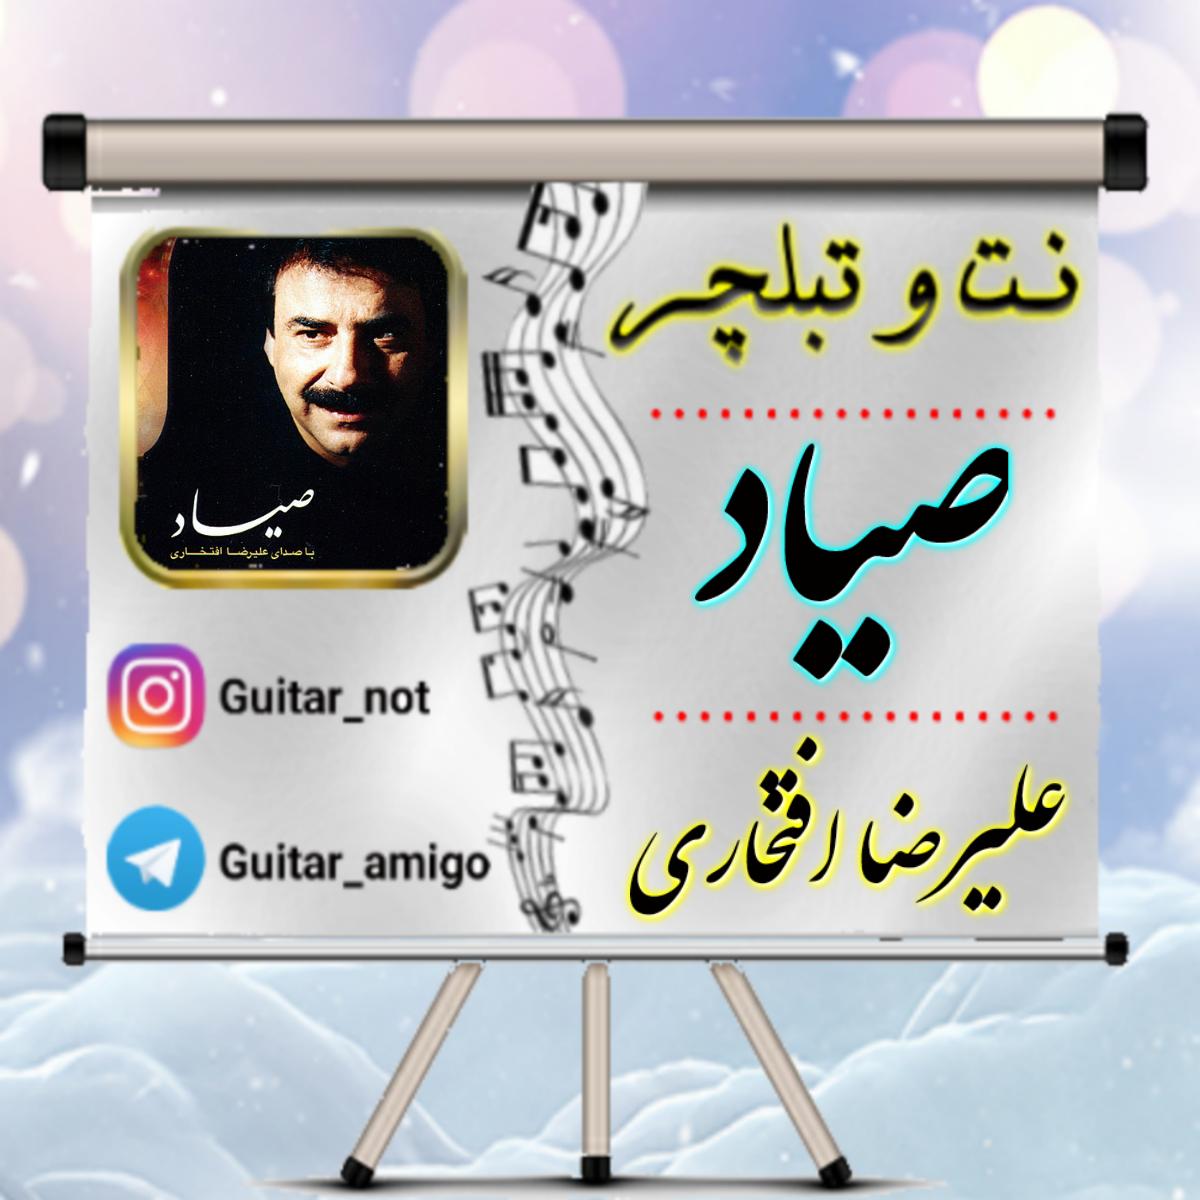 دانلود نت و تبلچر گیتار صیاد علیرضا افتخاری